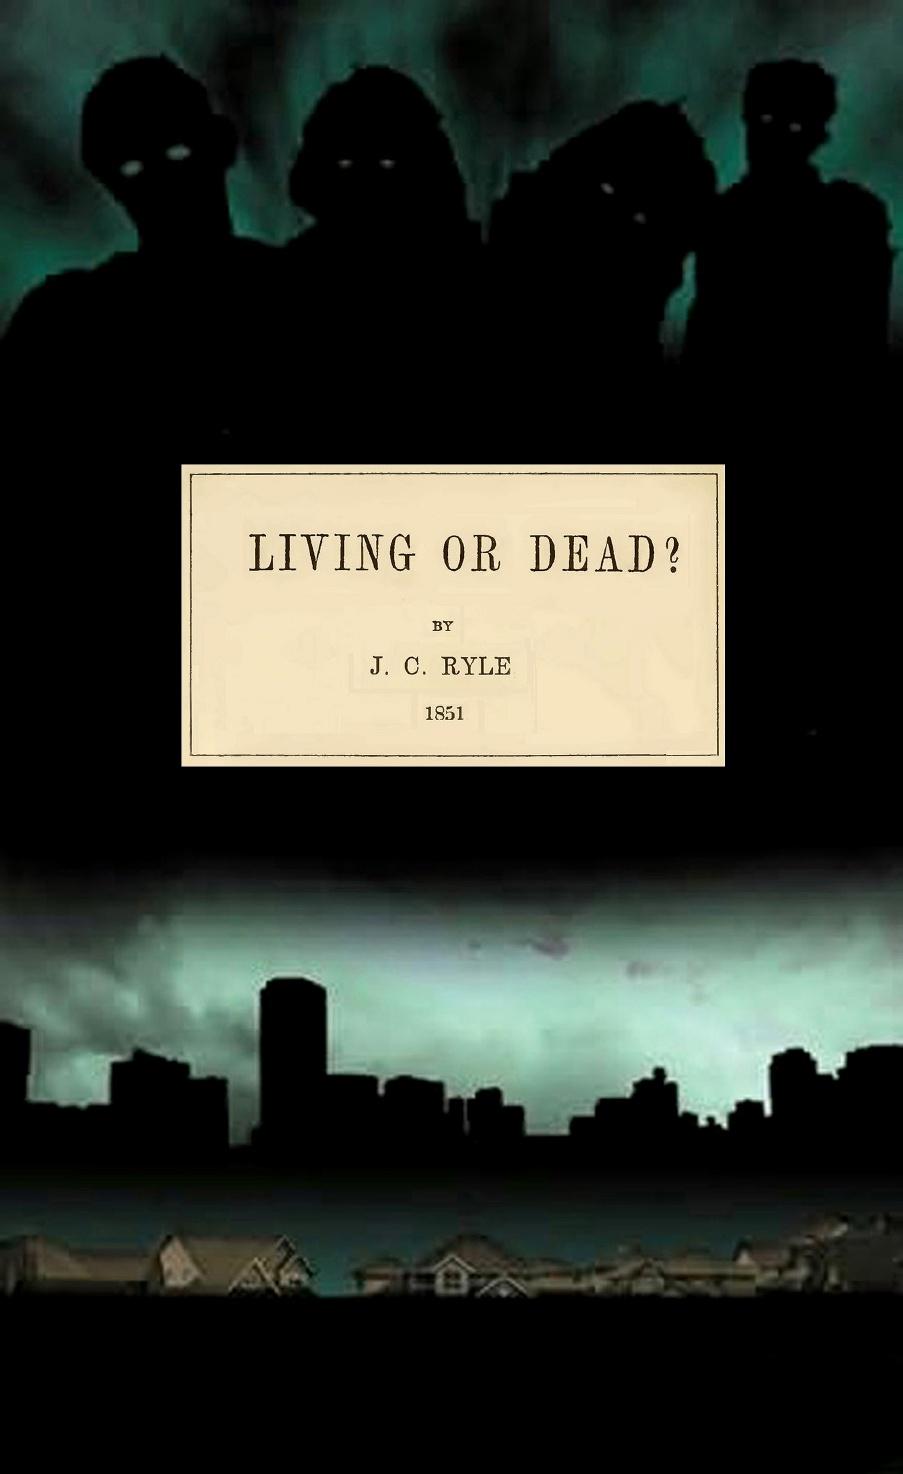 J. C. Ryle-Living Or Dead?-